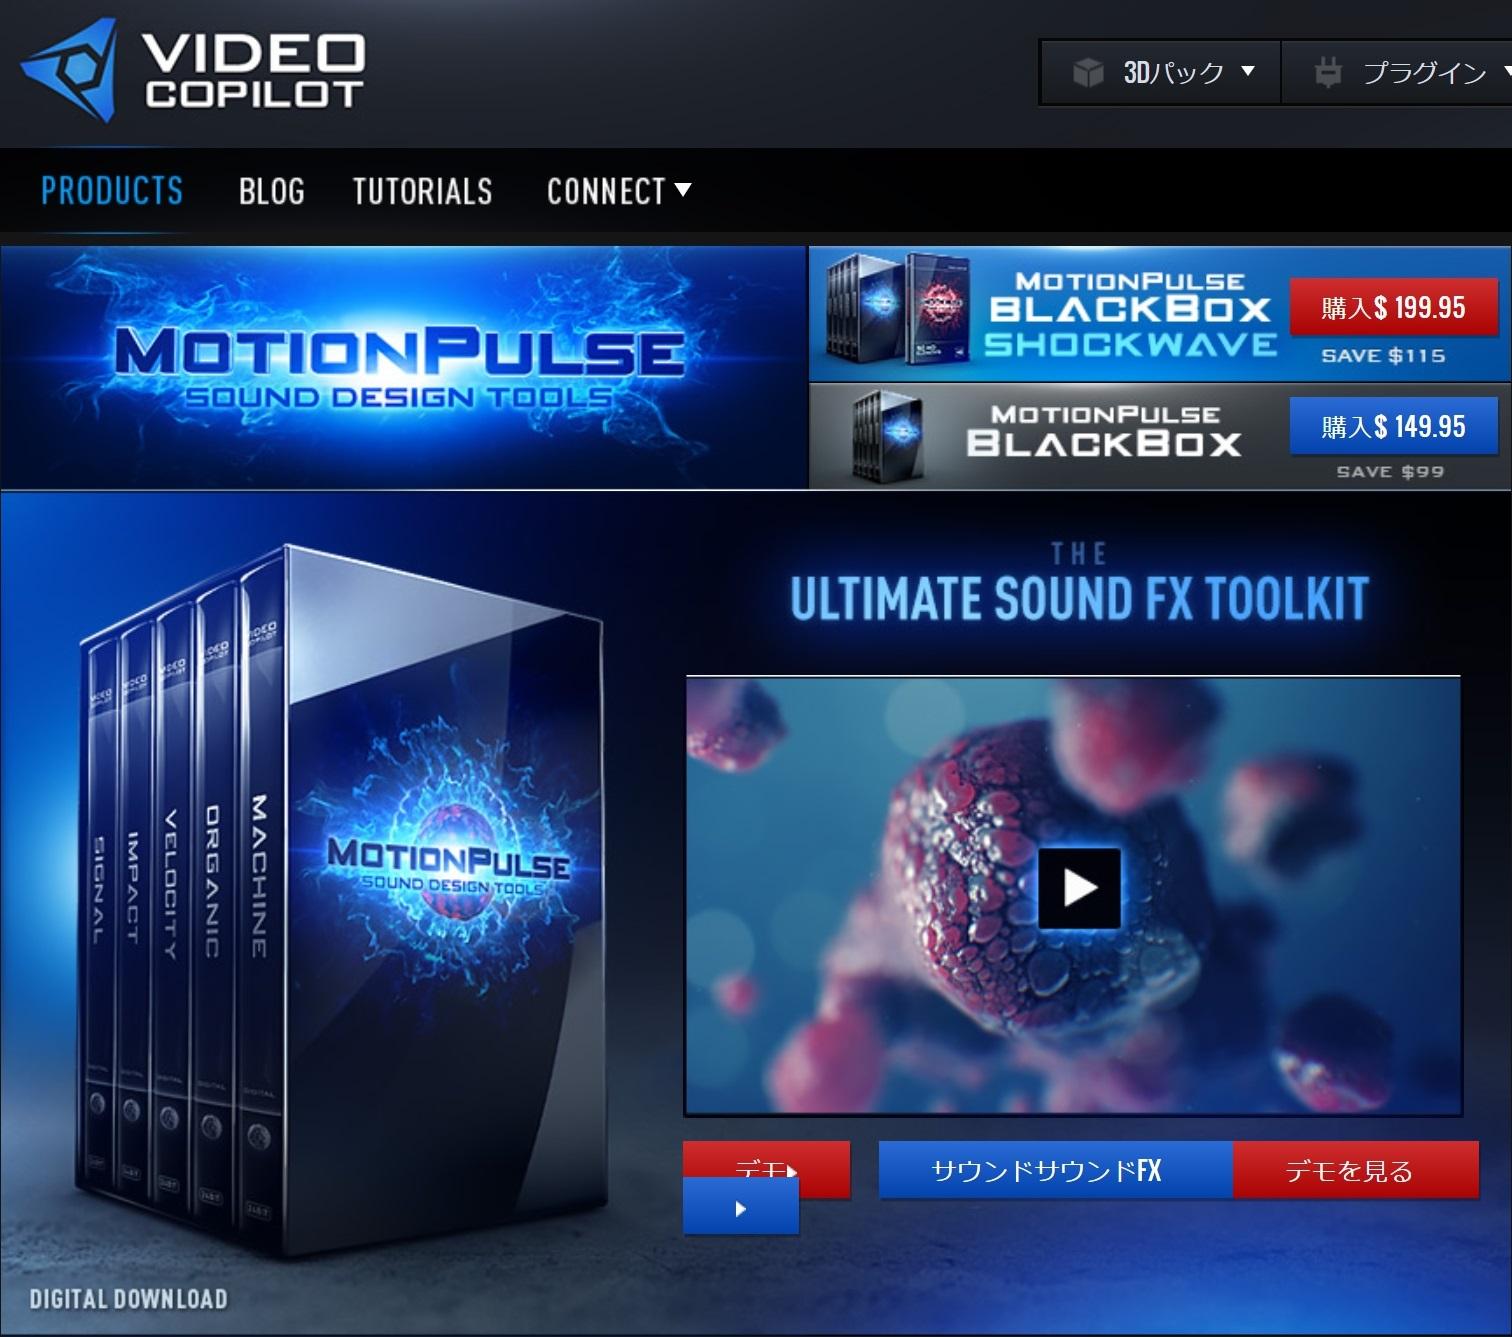 video_copilot_motion_pulse